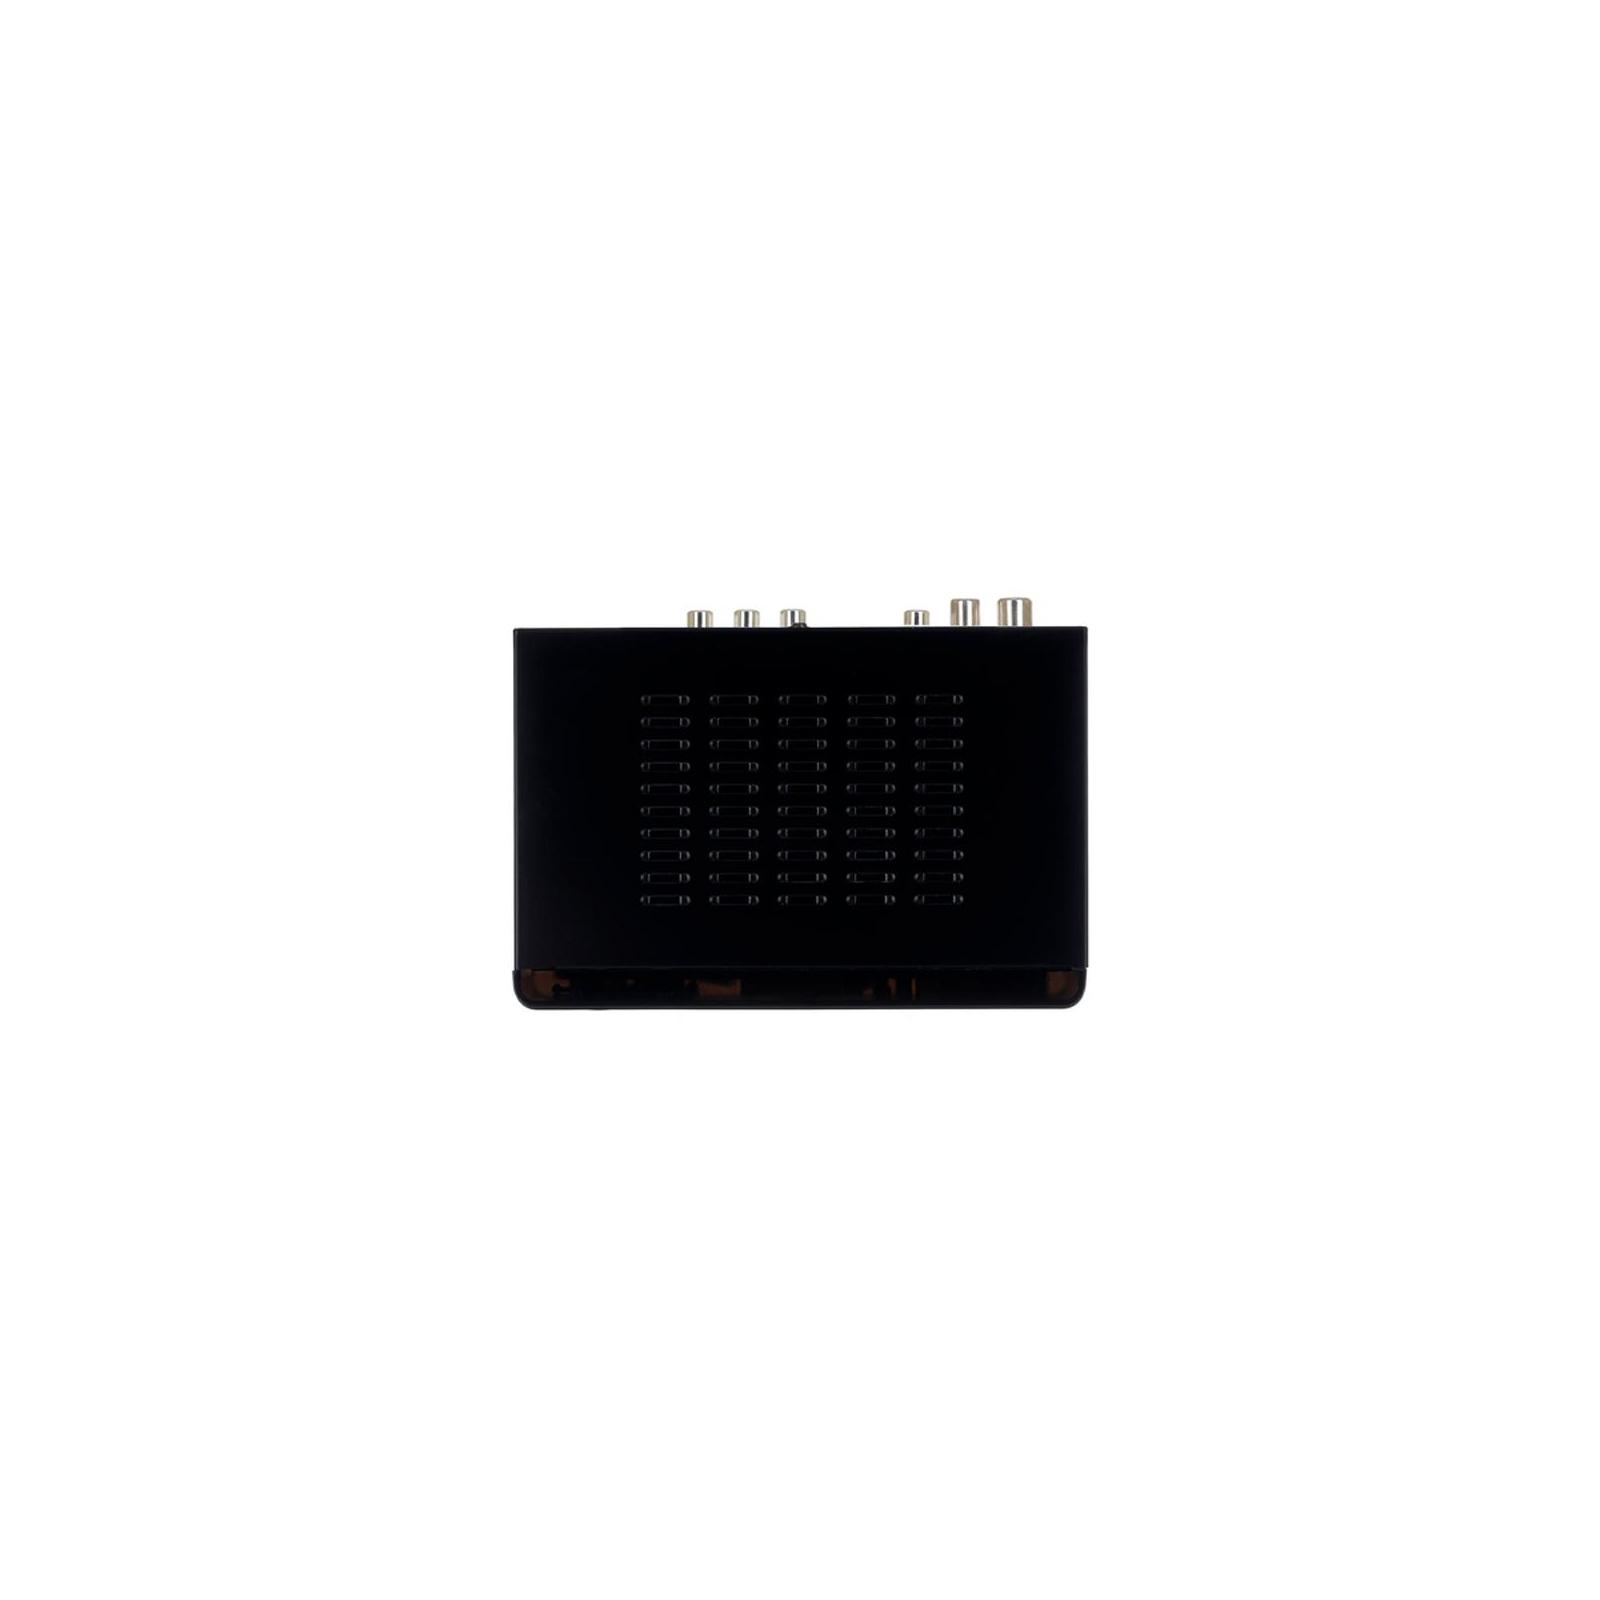 ТВ тюнер Ergo 1638 (DVB-T, DVB-T2) (STB-1638) изображение 3